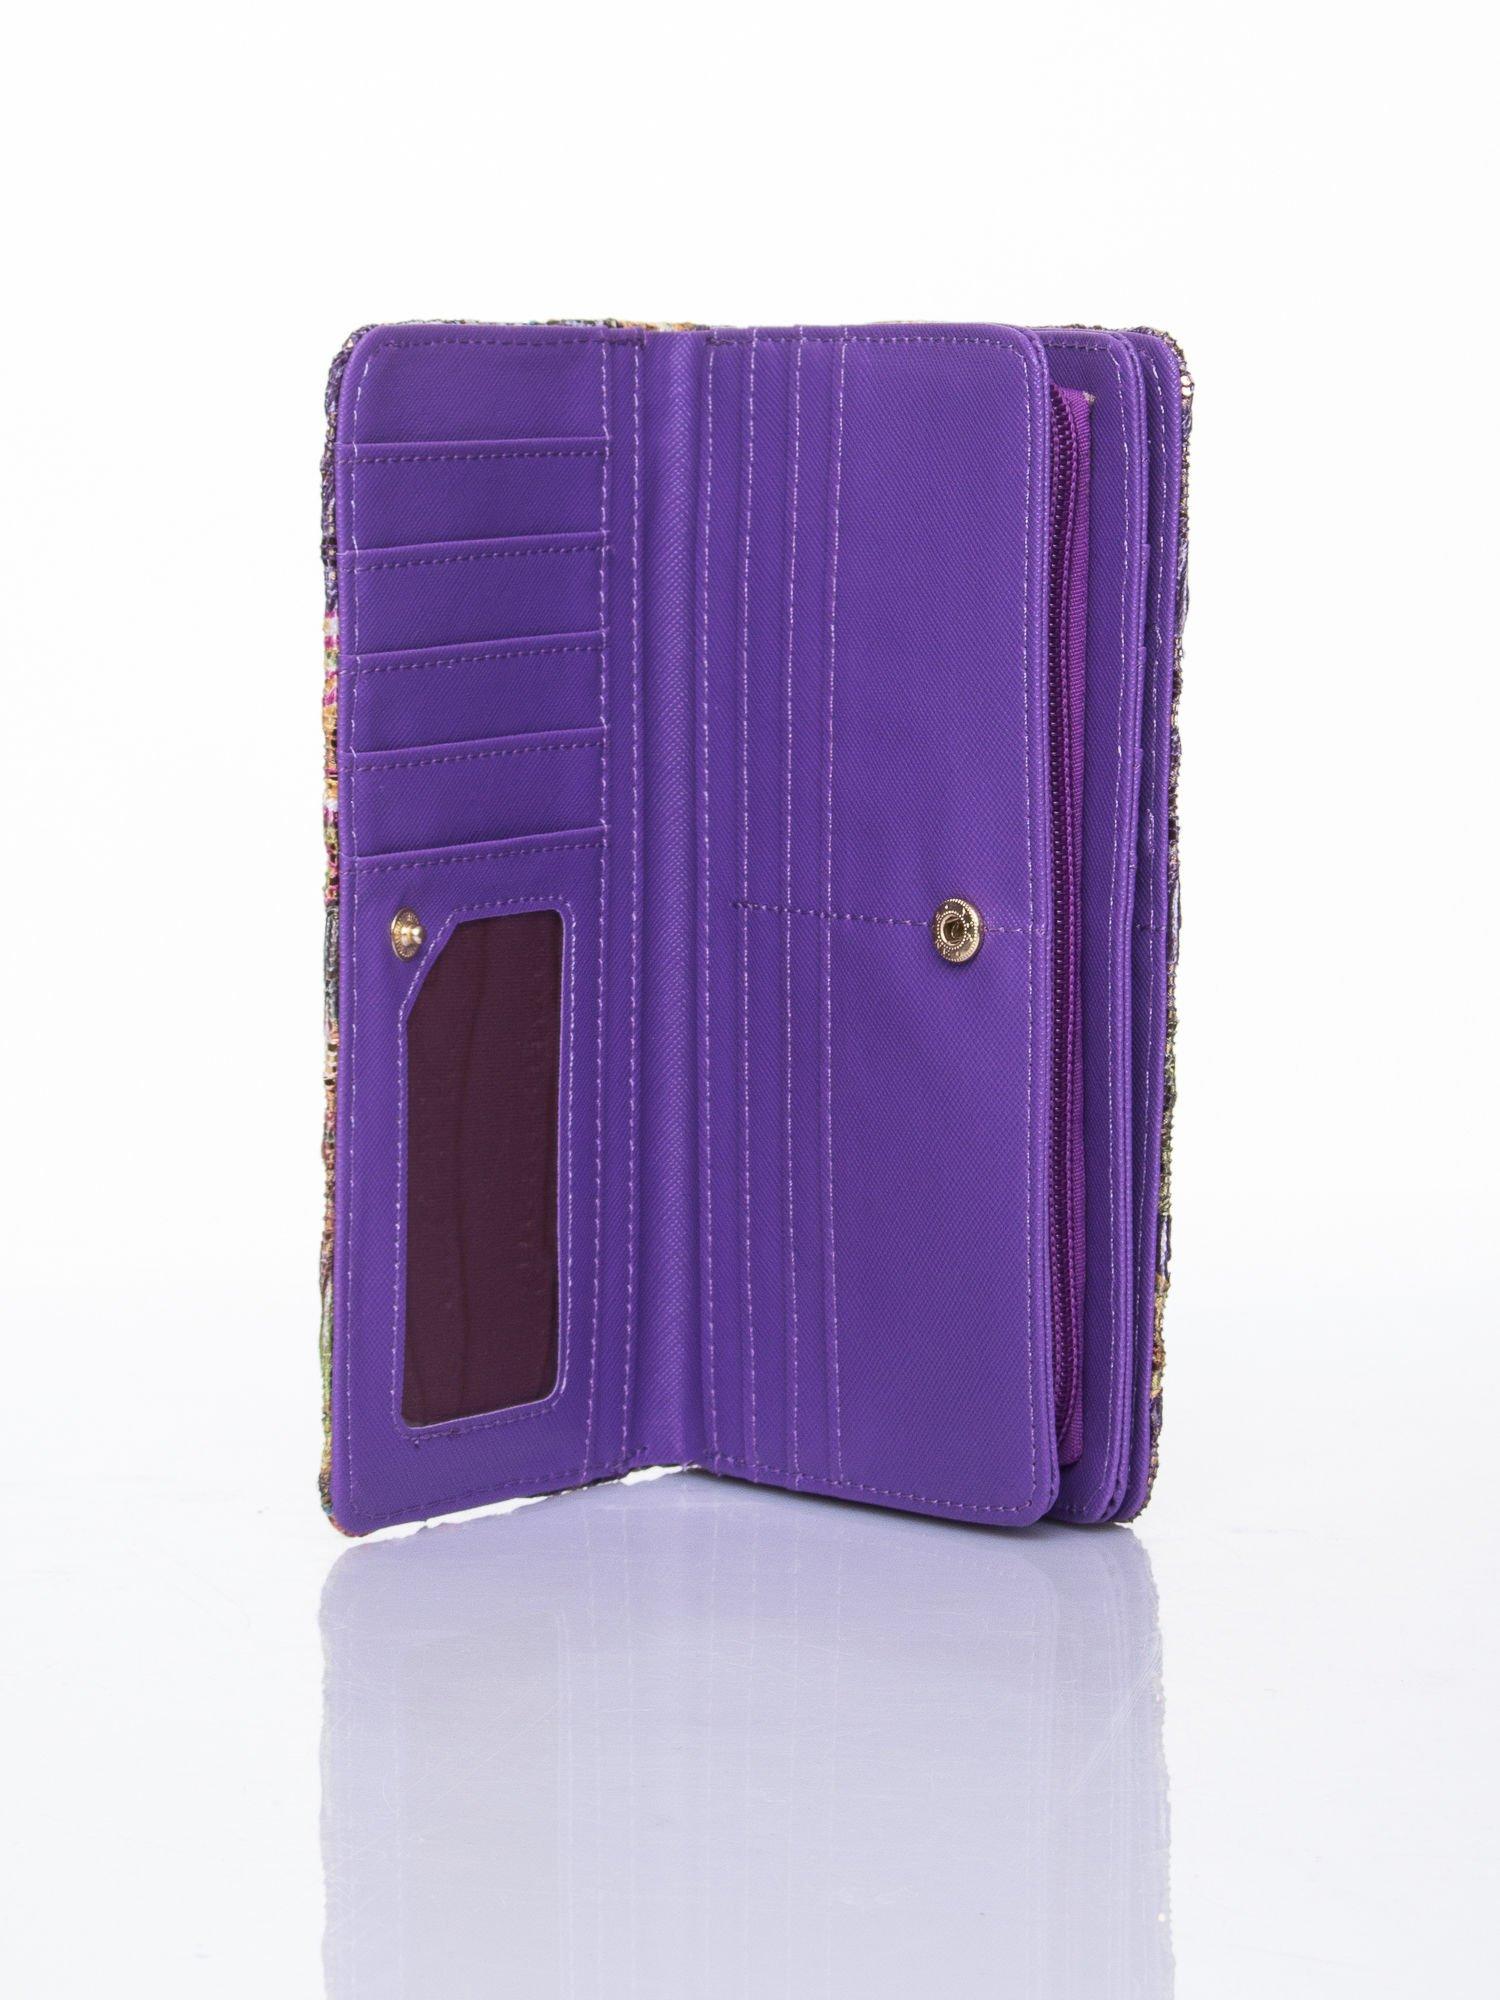 Fioletowy portfel z nadrukiem paisley                                  zdj.                                  4